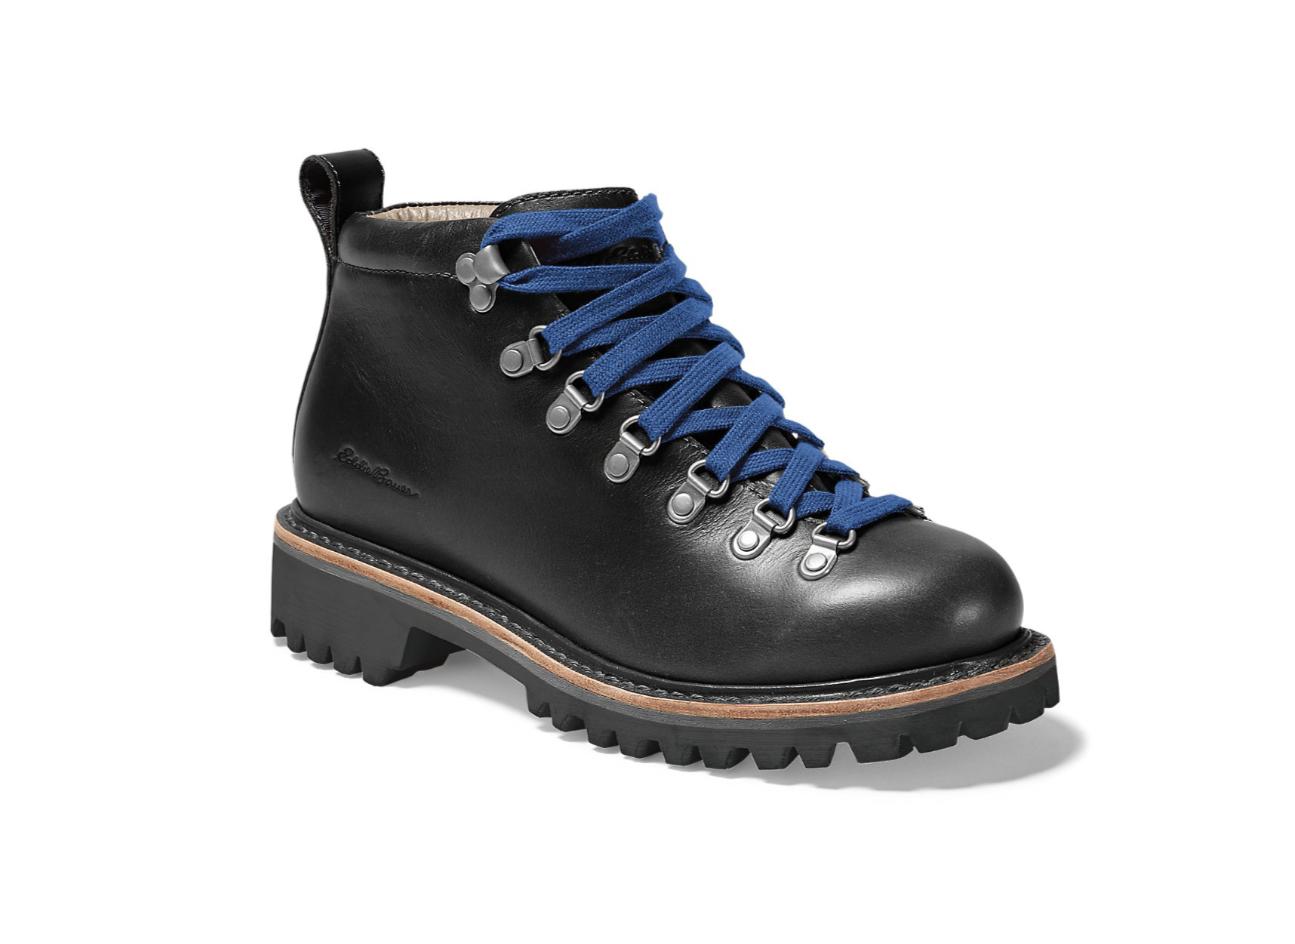 Eddie Bauer K-6 hiking boot